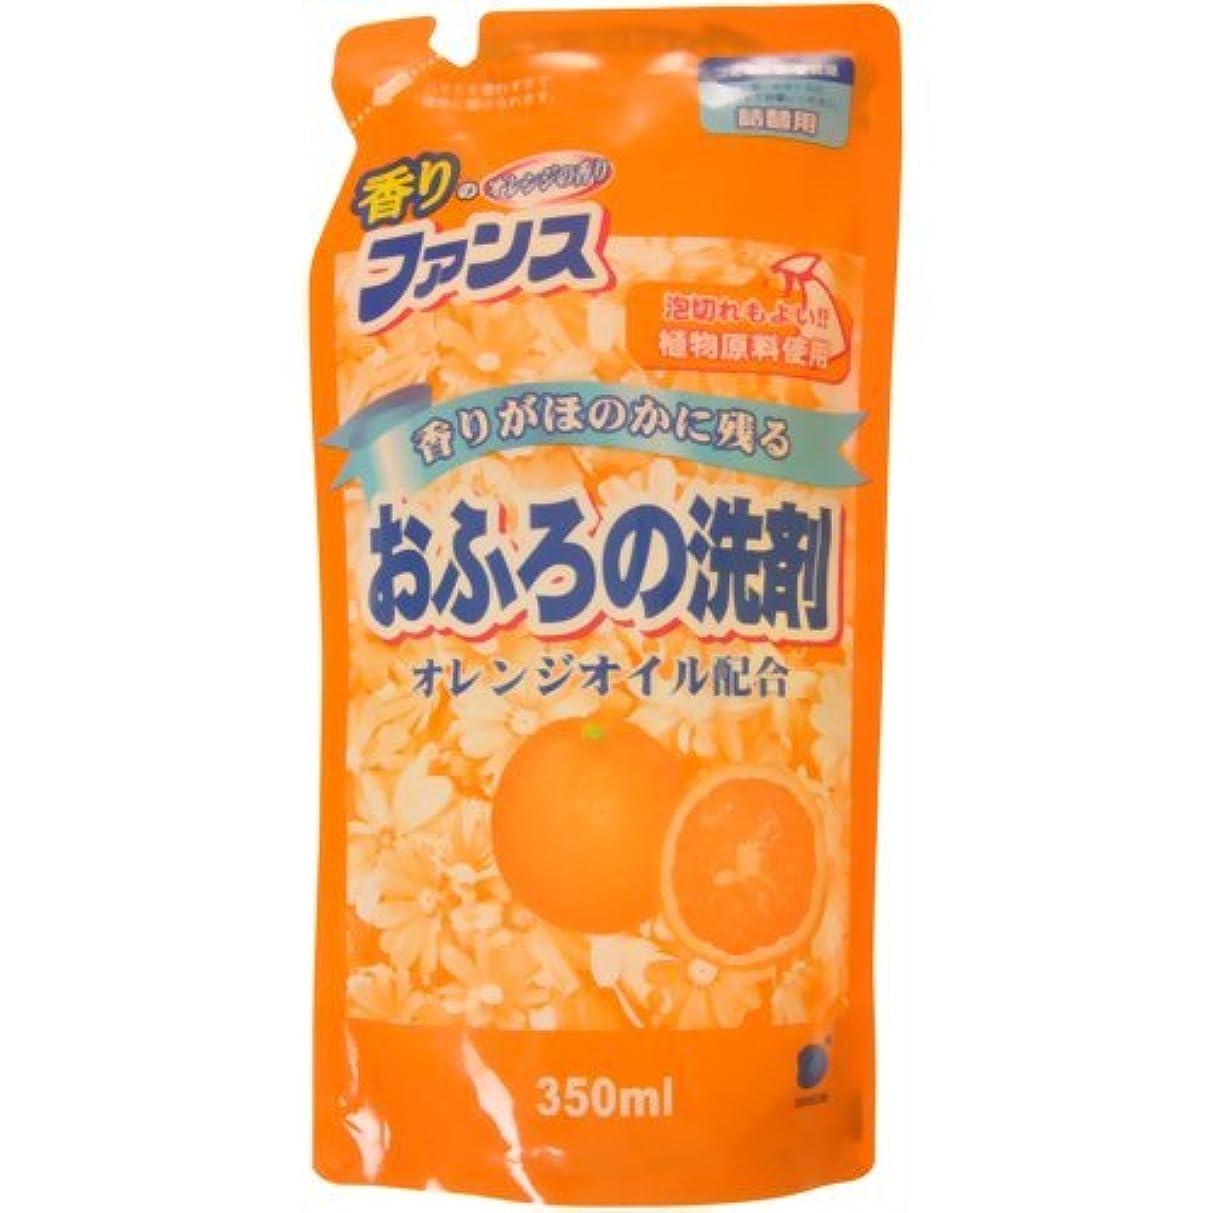 ポーチ通常テレビを見る香りのファンス おふろの洗剤 オレンジ つめかえ用 350ml